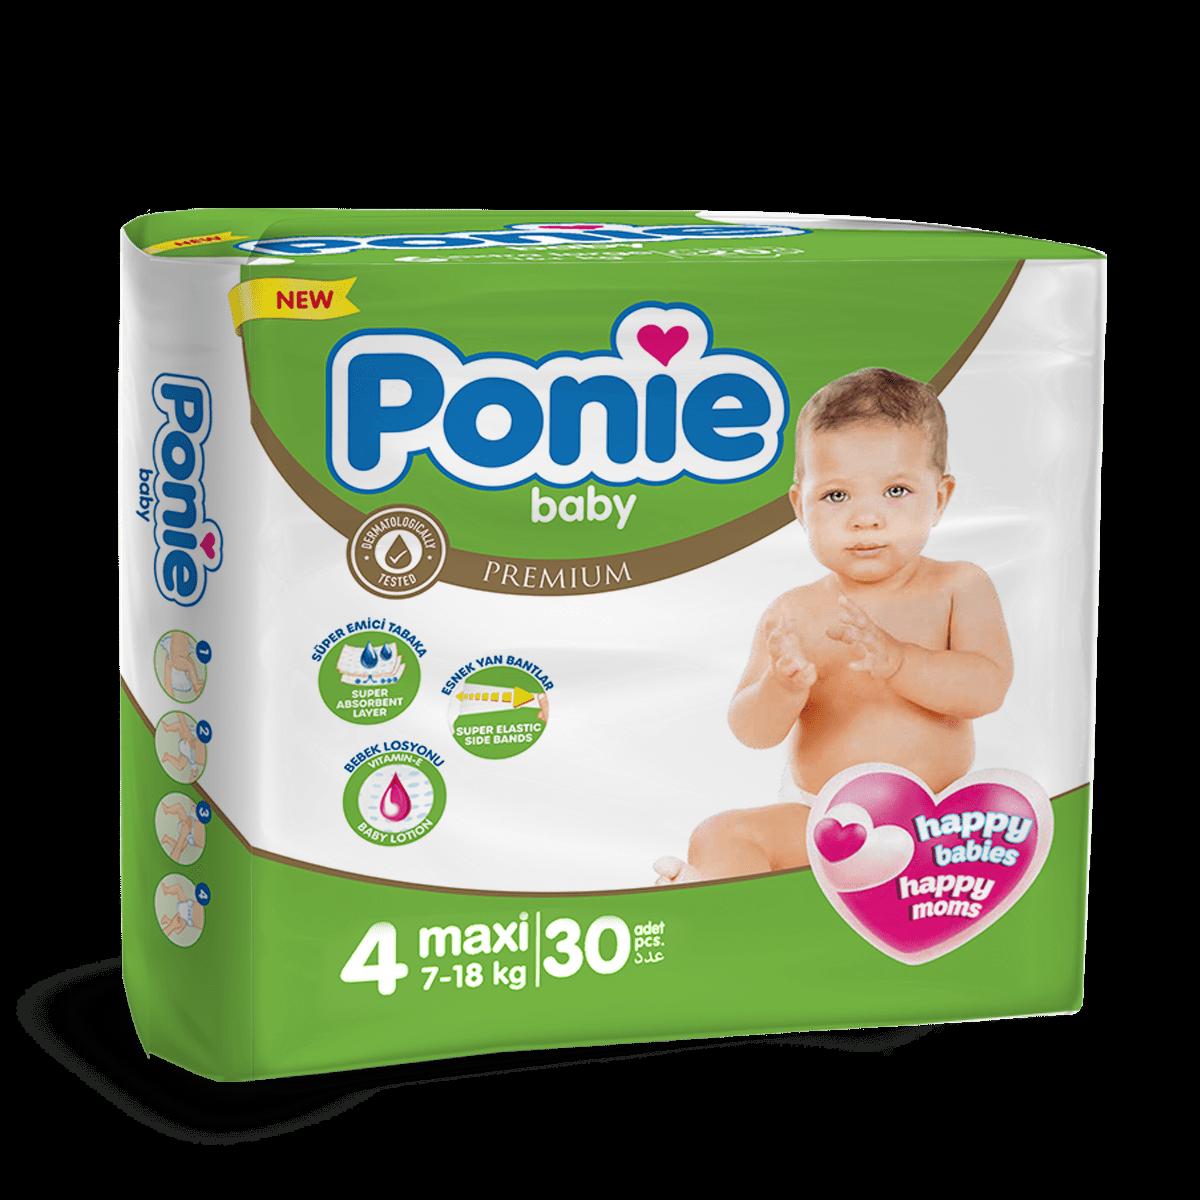 PONIE BABY MAXI ( 7-18 Kg ) İkiz Paket